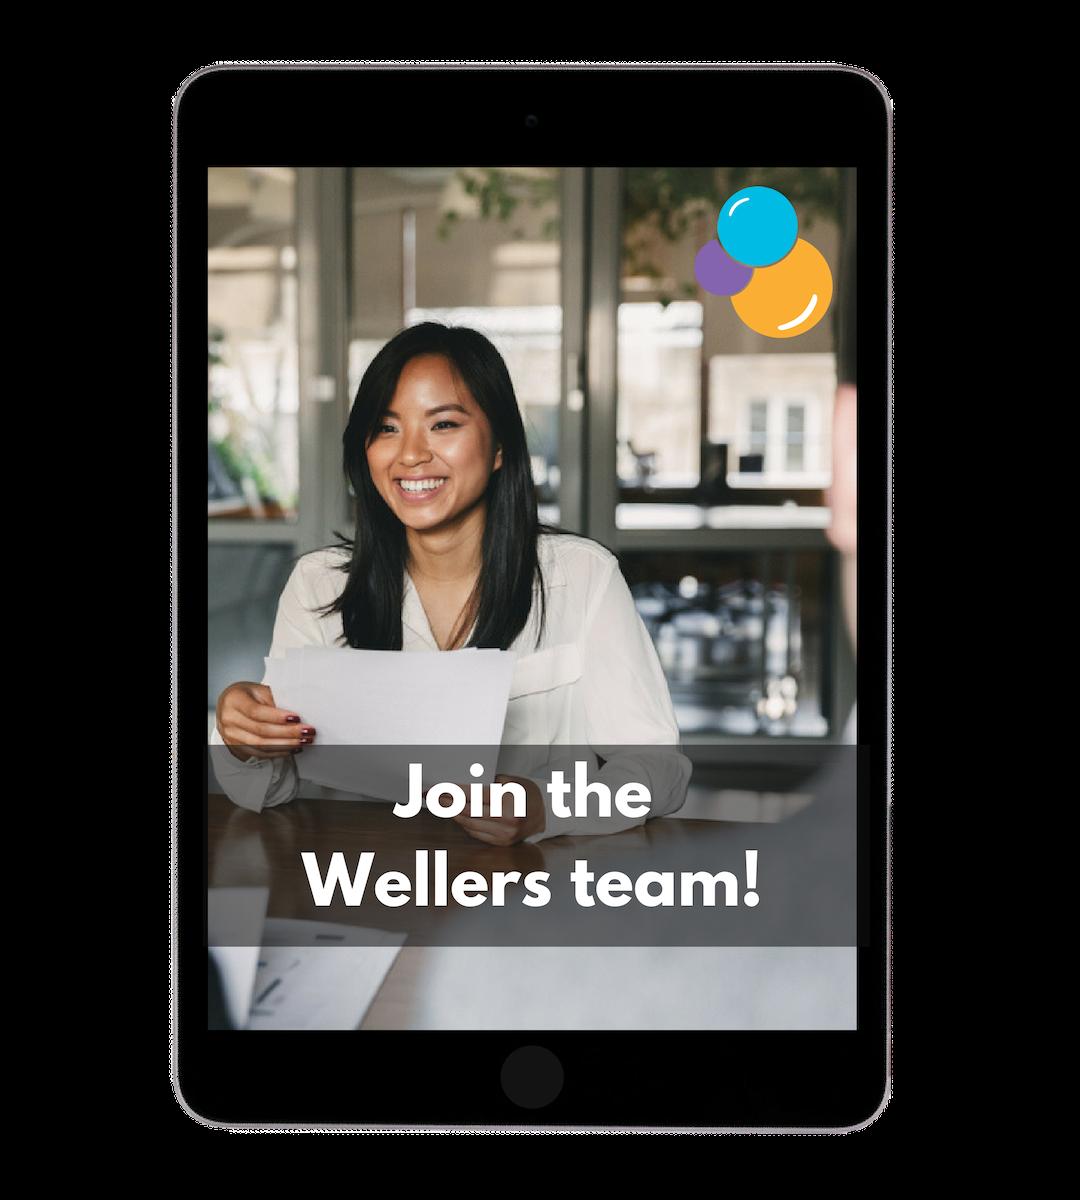 wellers-vacancy-apply